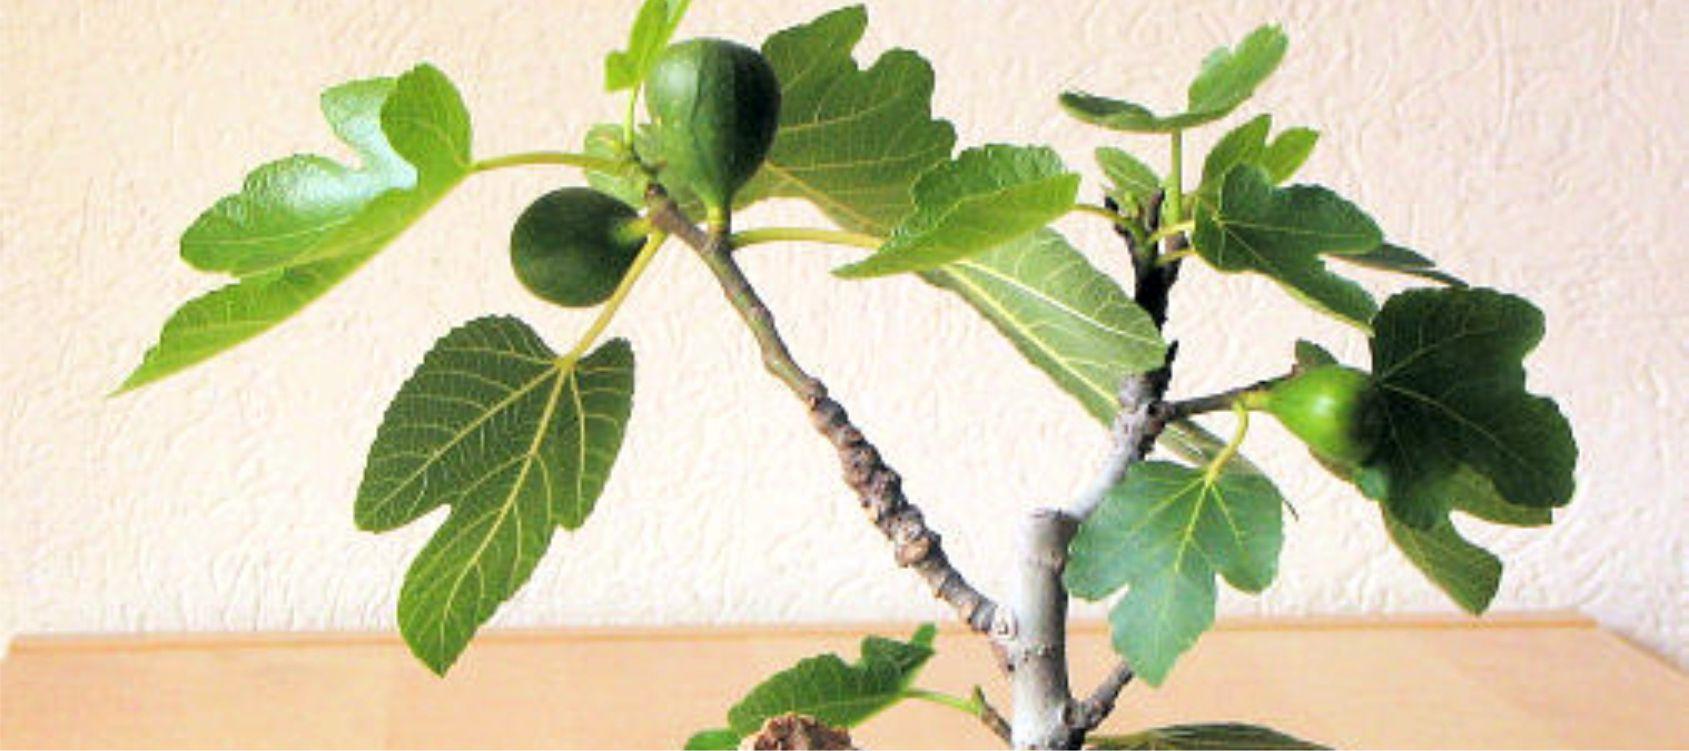 Periodo Migliore Per Potare Quercia fico bonsai - consigli utili sulla coltivazione - vivaio ranieri